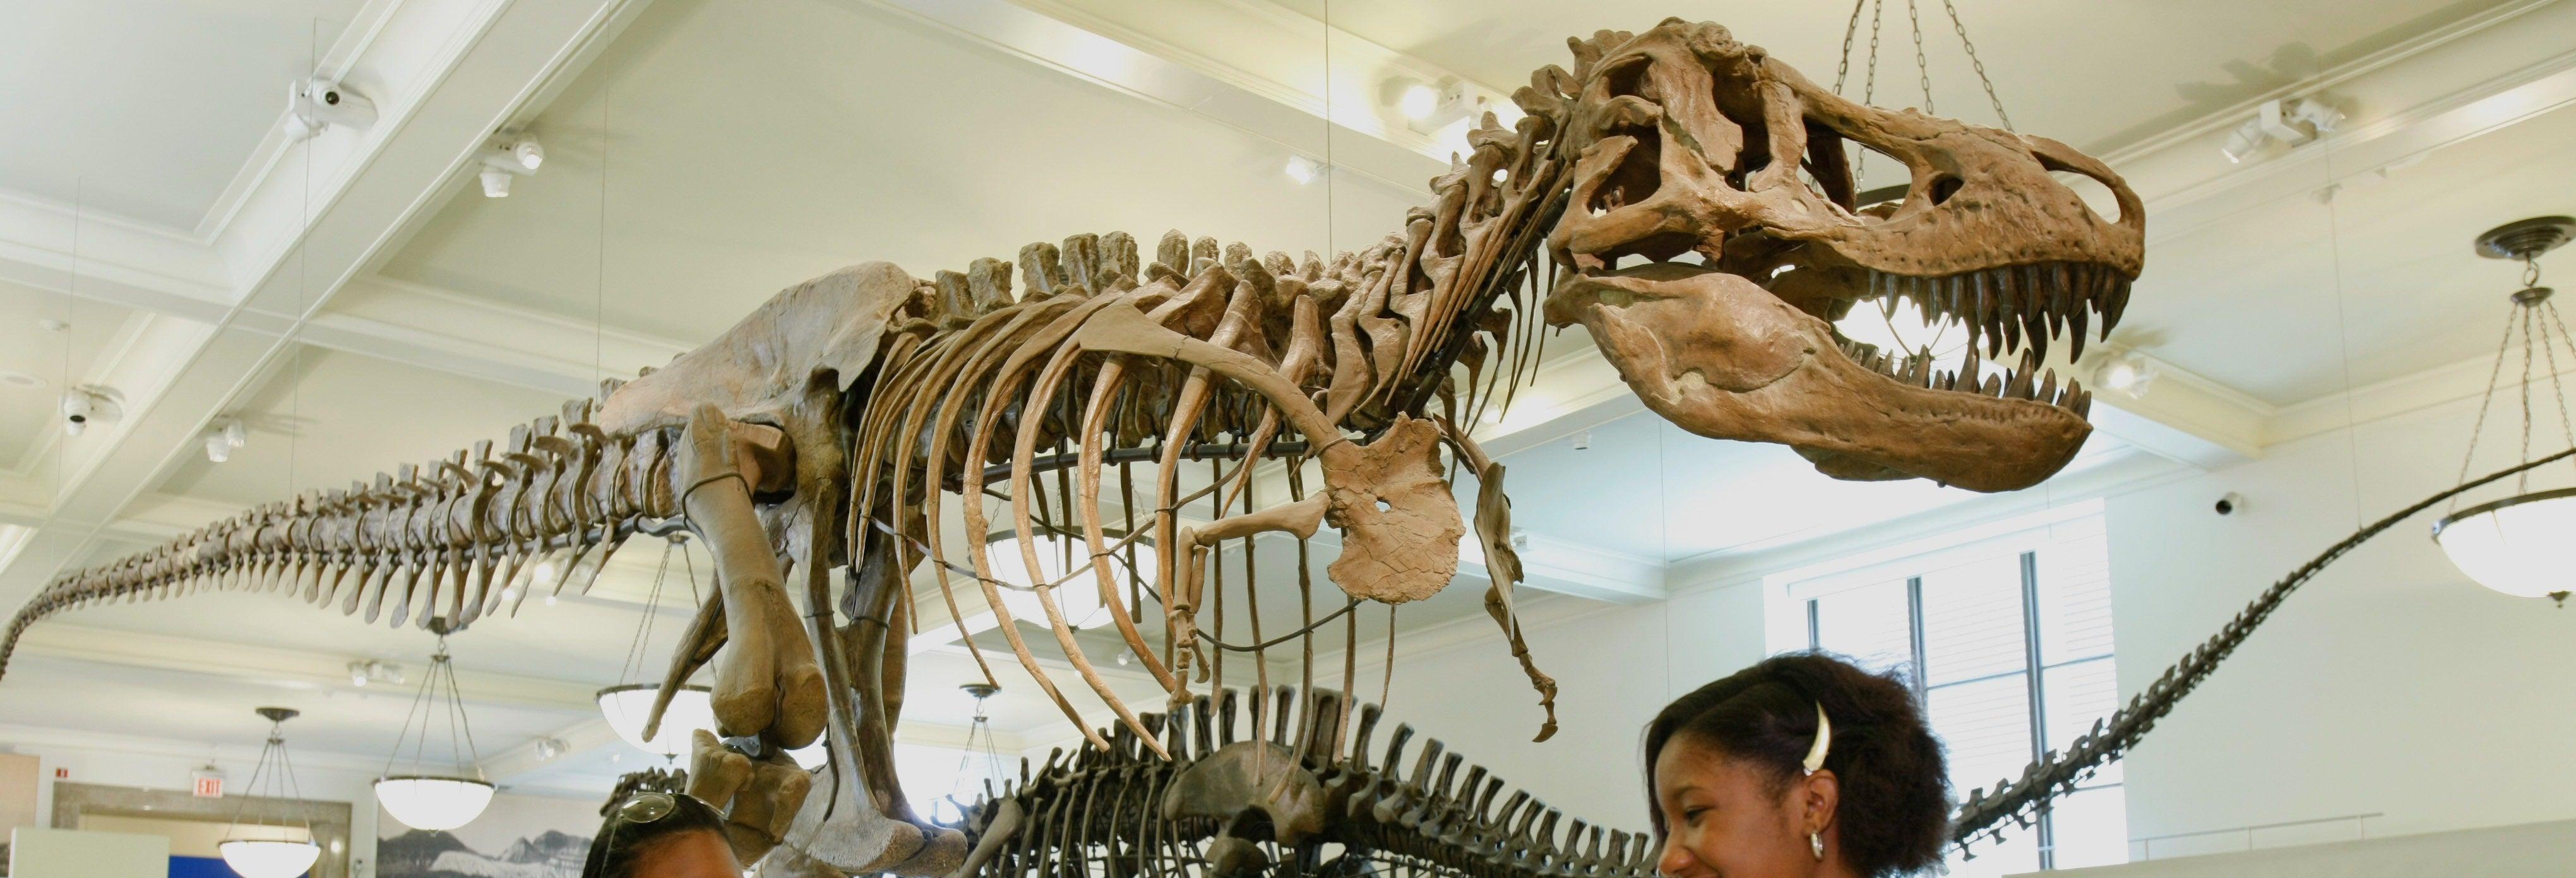 Entrada al Museo Americano de Historia Natural